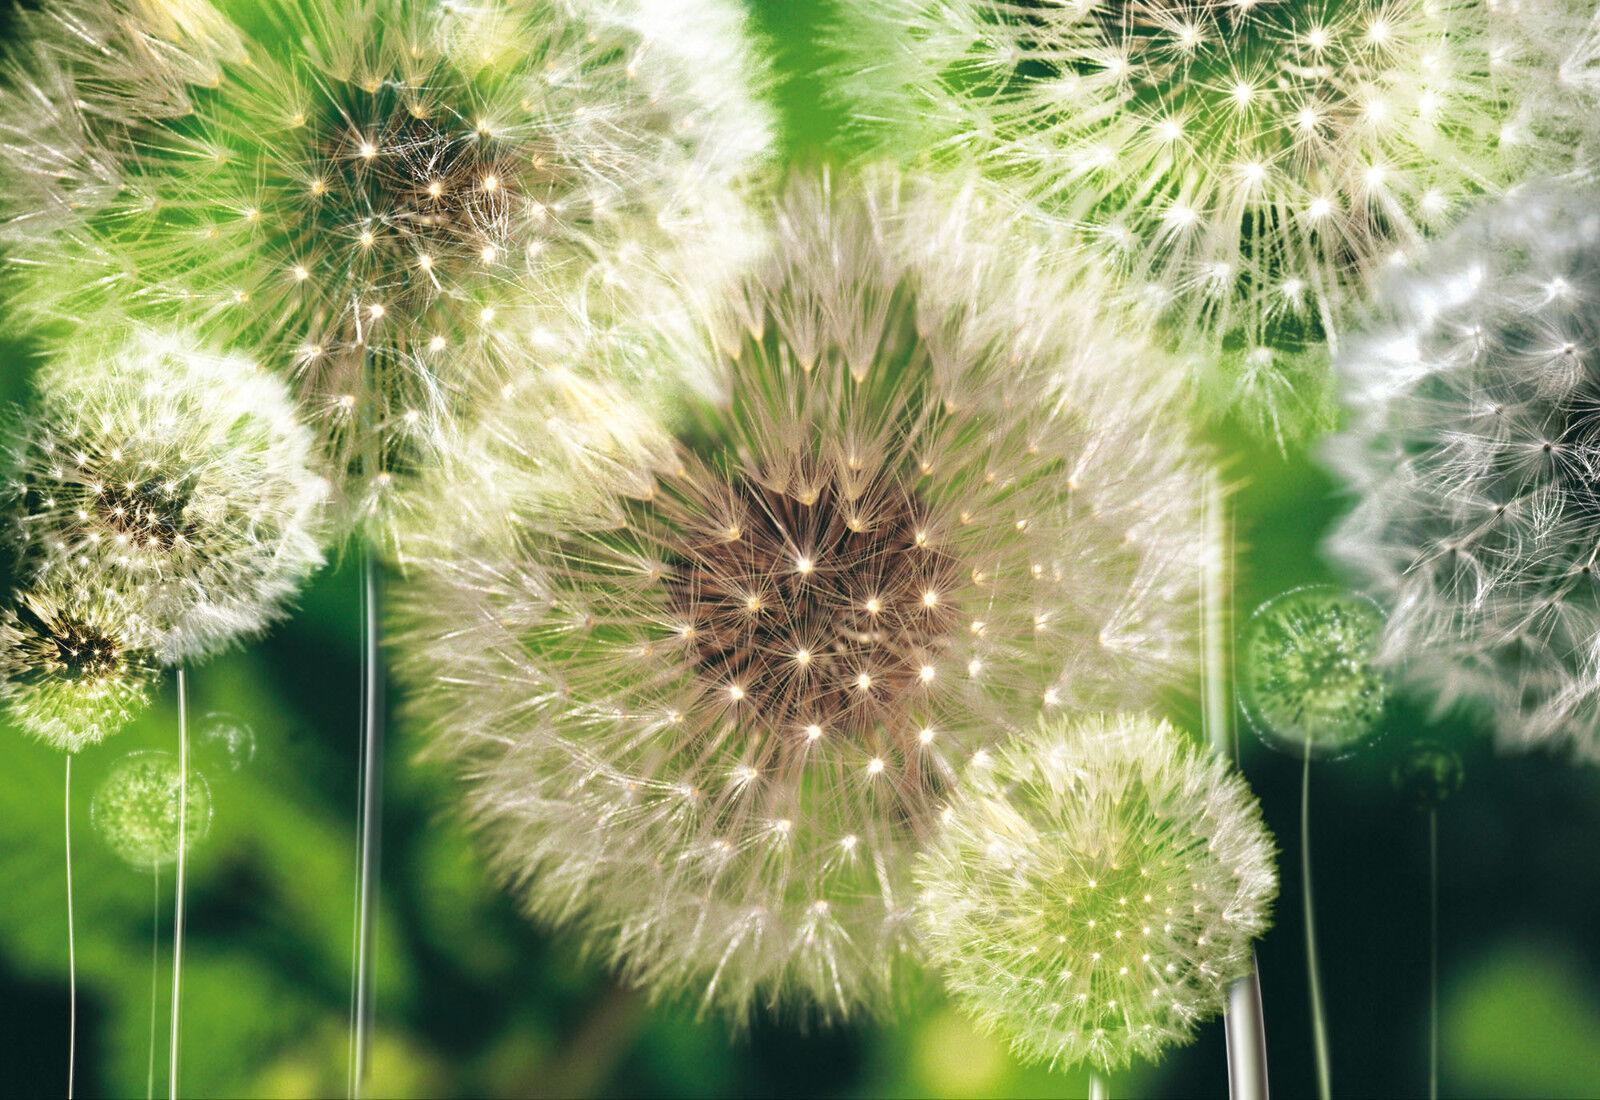 VLIES Fototapete-LÖWENZAHN-(10221)-Puste-Blumen Design Sonne Wald Bäume Grün xxl